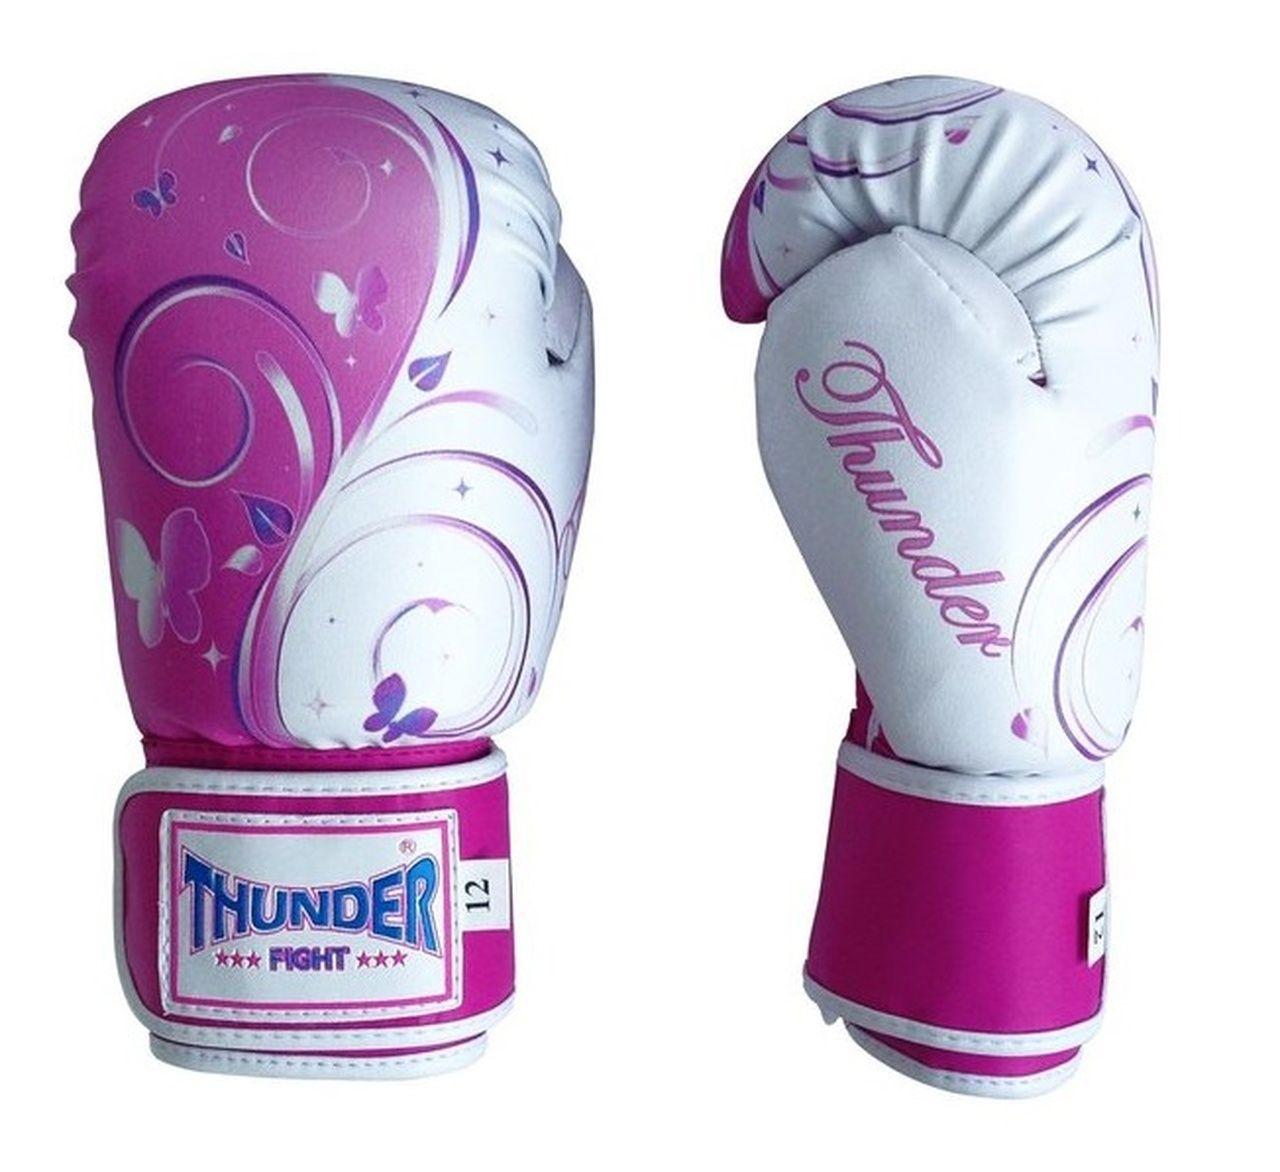 Kit de Boxe / Muay Thai Feminino 10oz - Borboleta Rosa - Thunder Fight   - PRALUTA SHOP